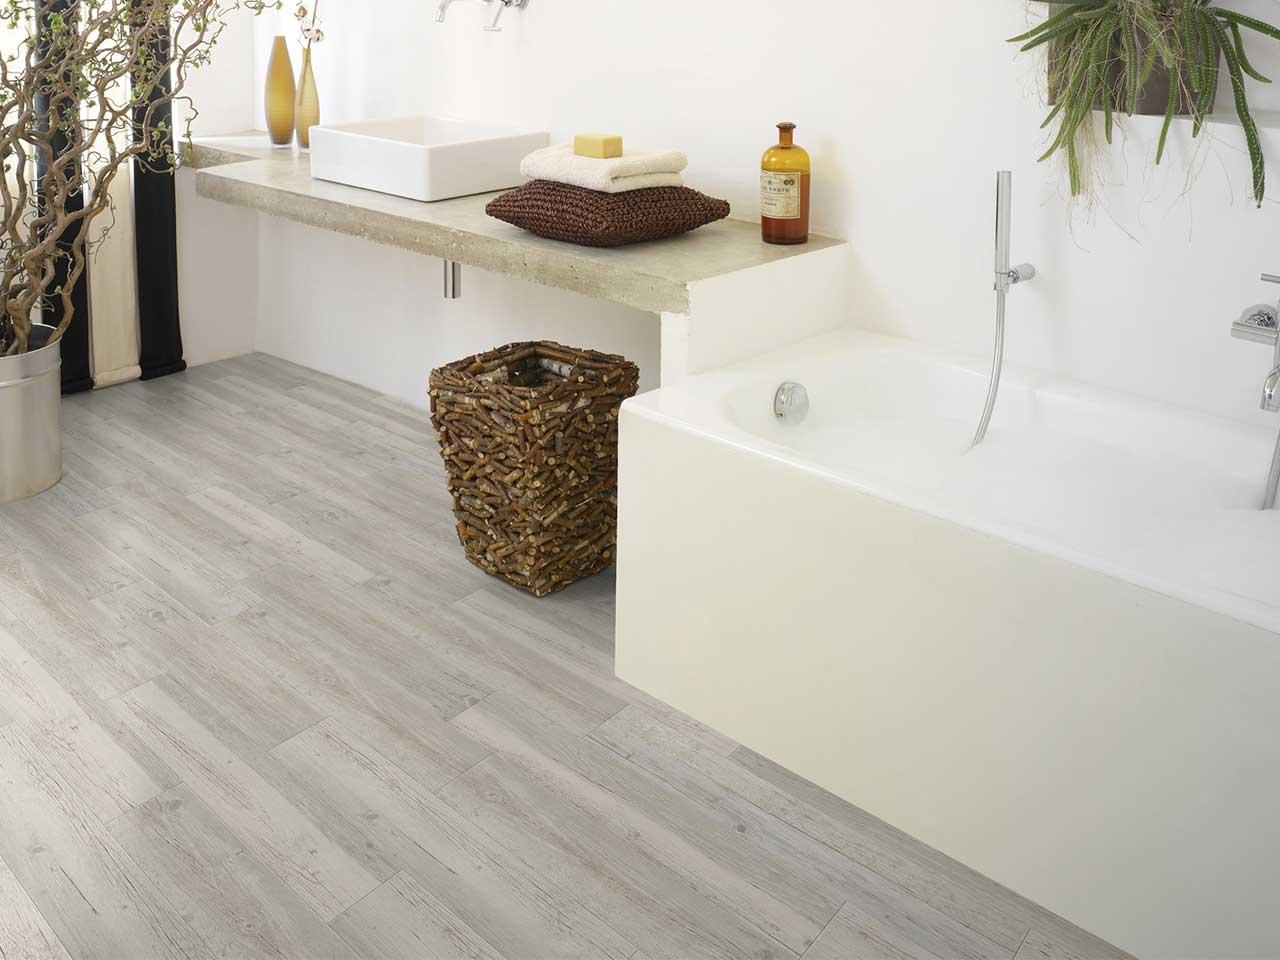 Nautic ceruse blanc pvc 914x152x2 iperceramica - Pavimento per cucina ...